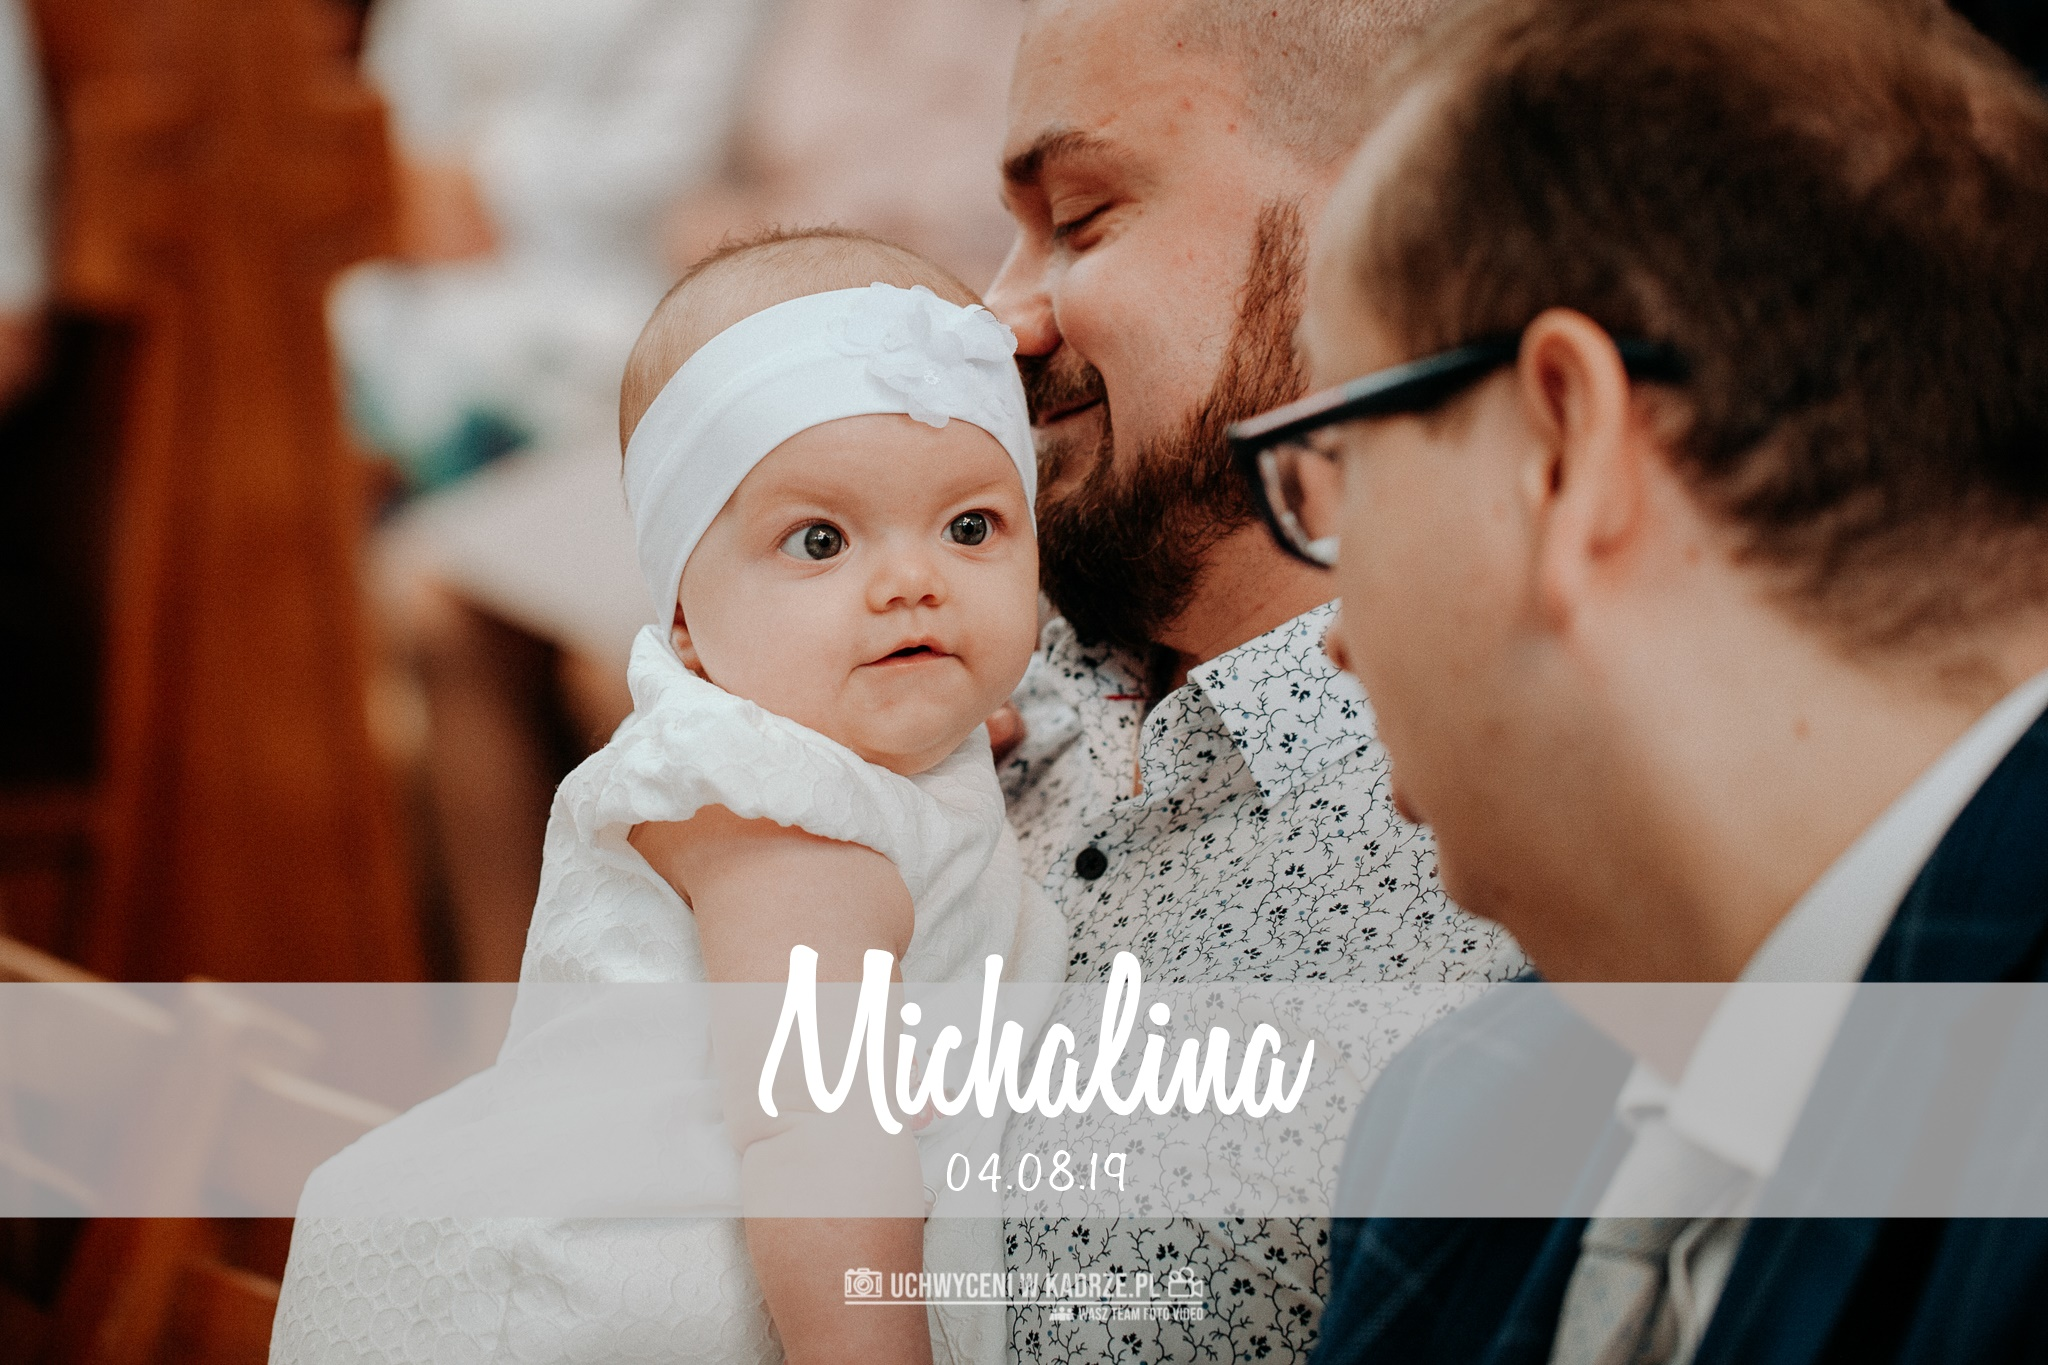 Michalina | Zdjęcia z Chrzcin | Chełm